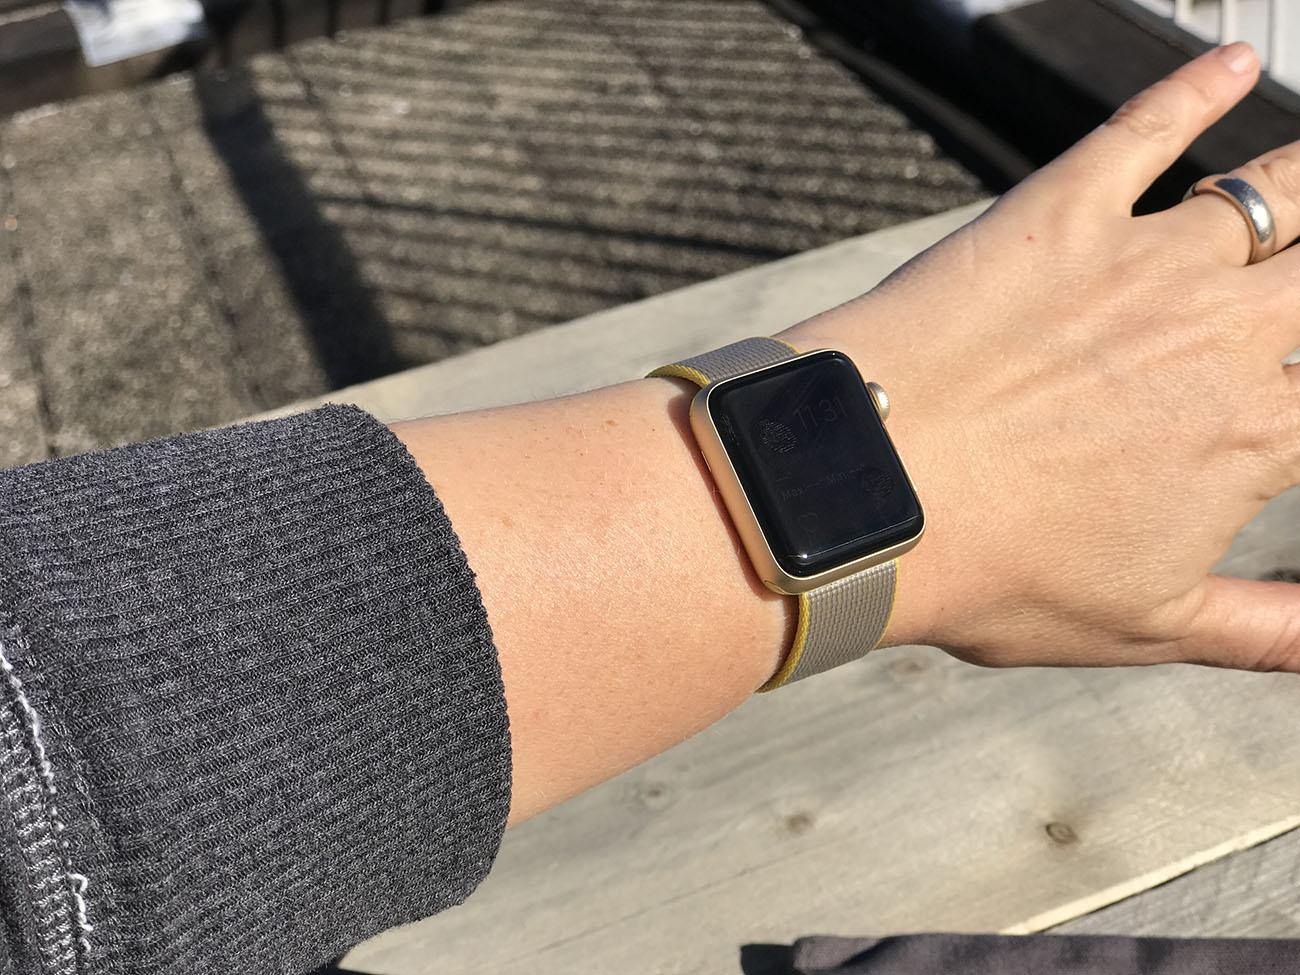 Apple Watch: toch lastig af te lezen in de zon